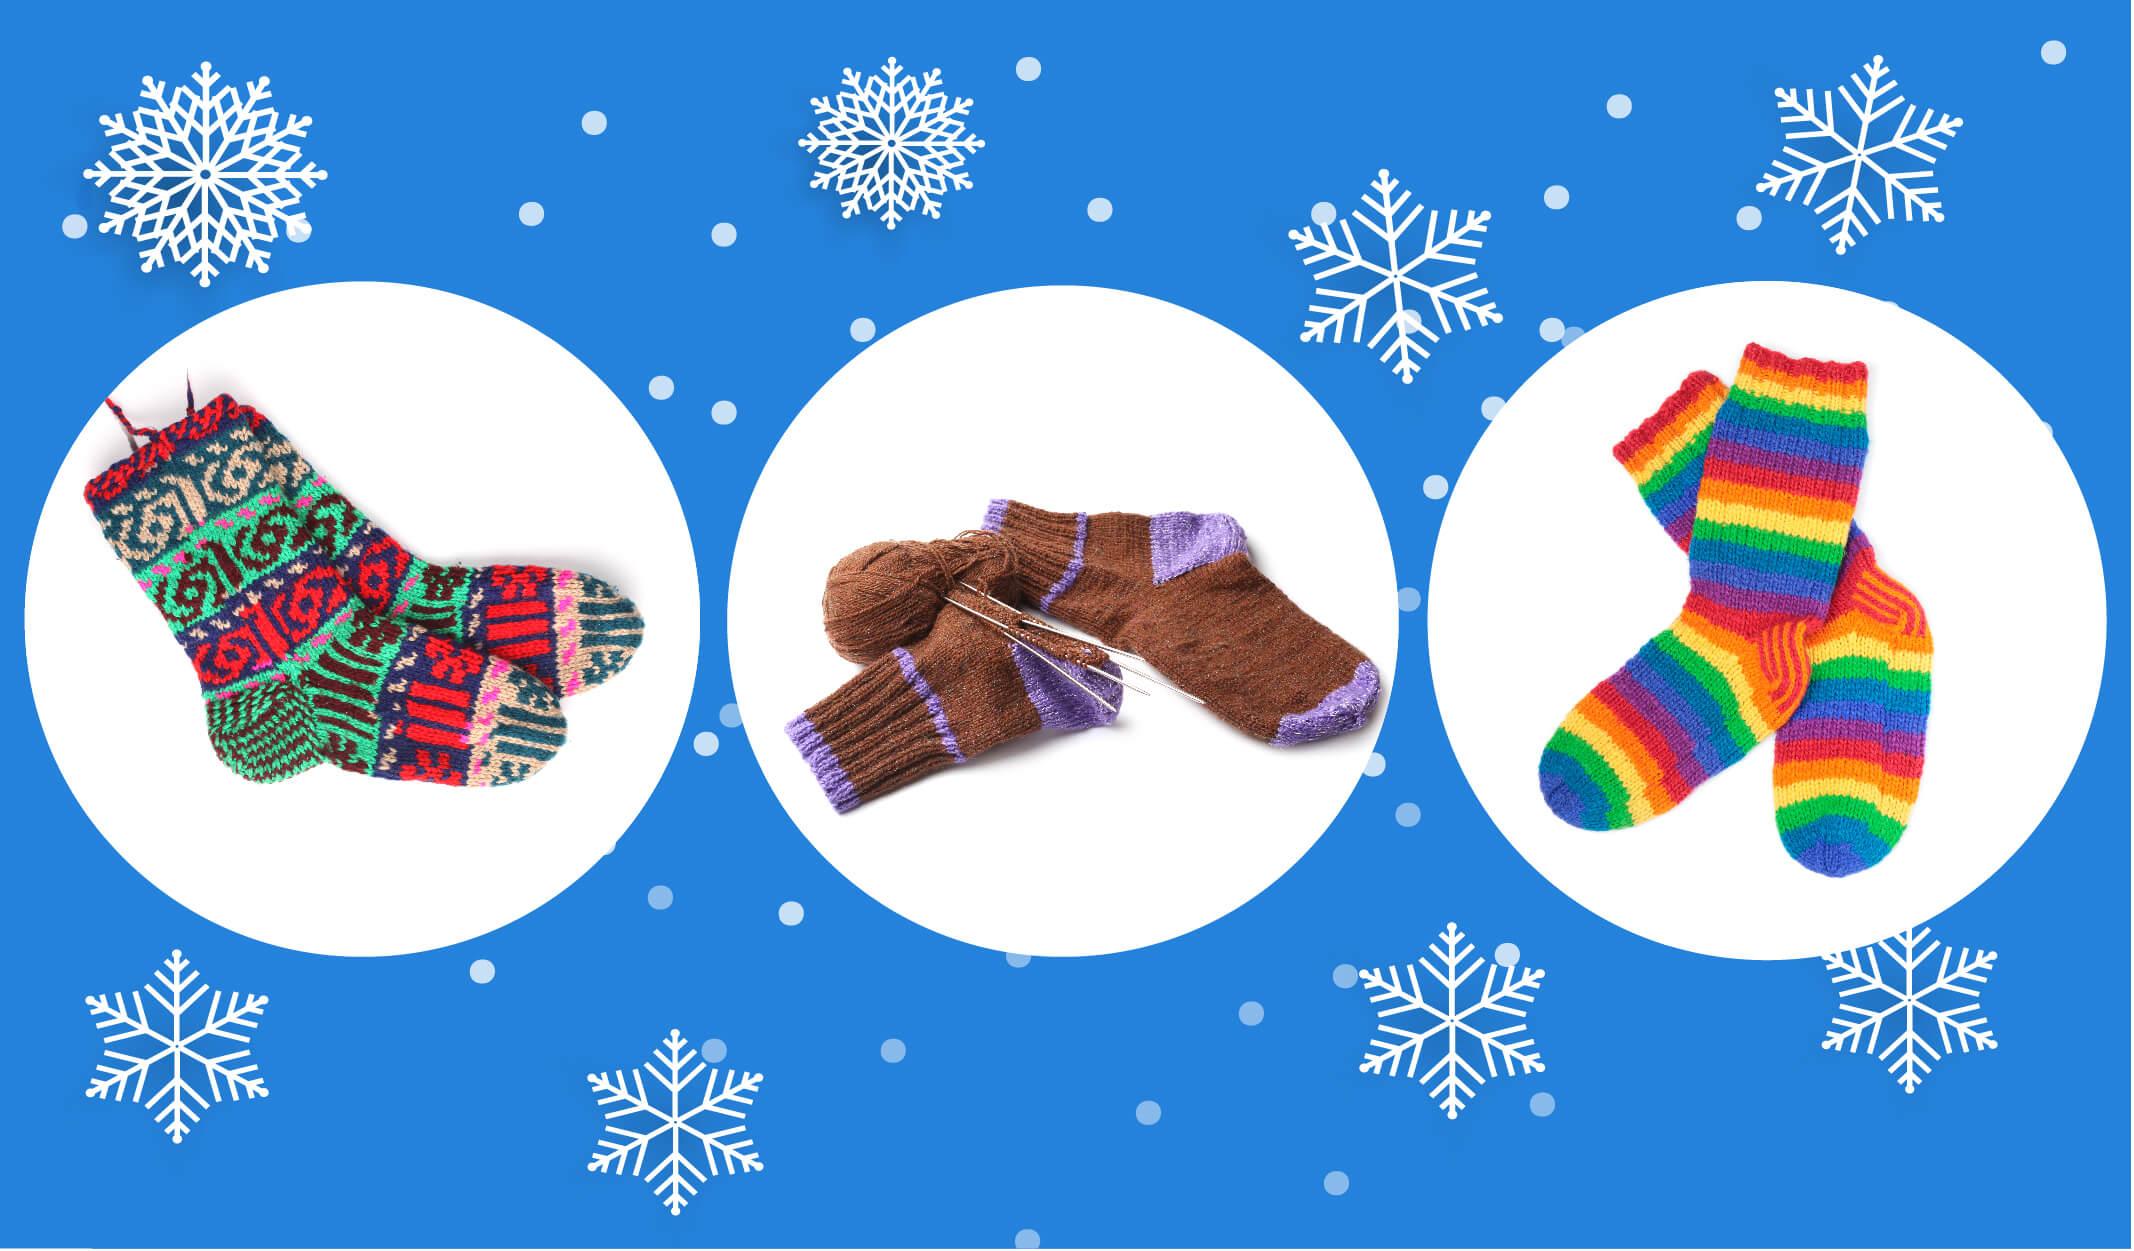 kış aksesuarları, örgü, yün çorap